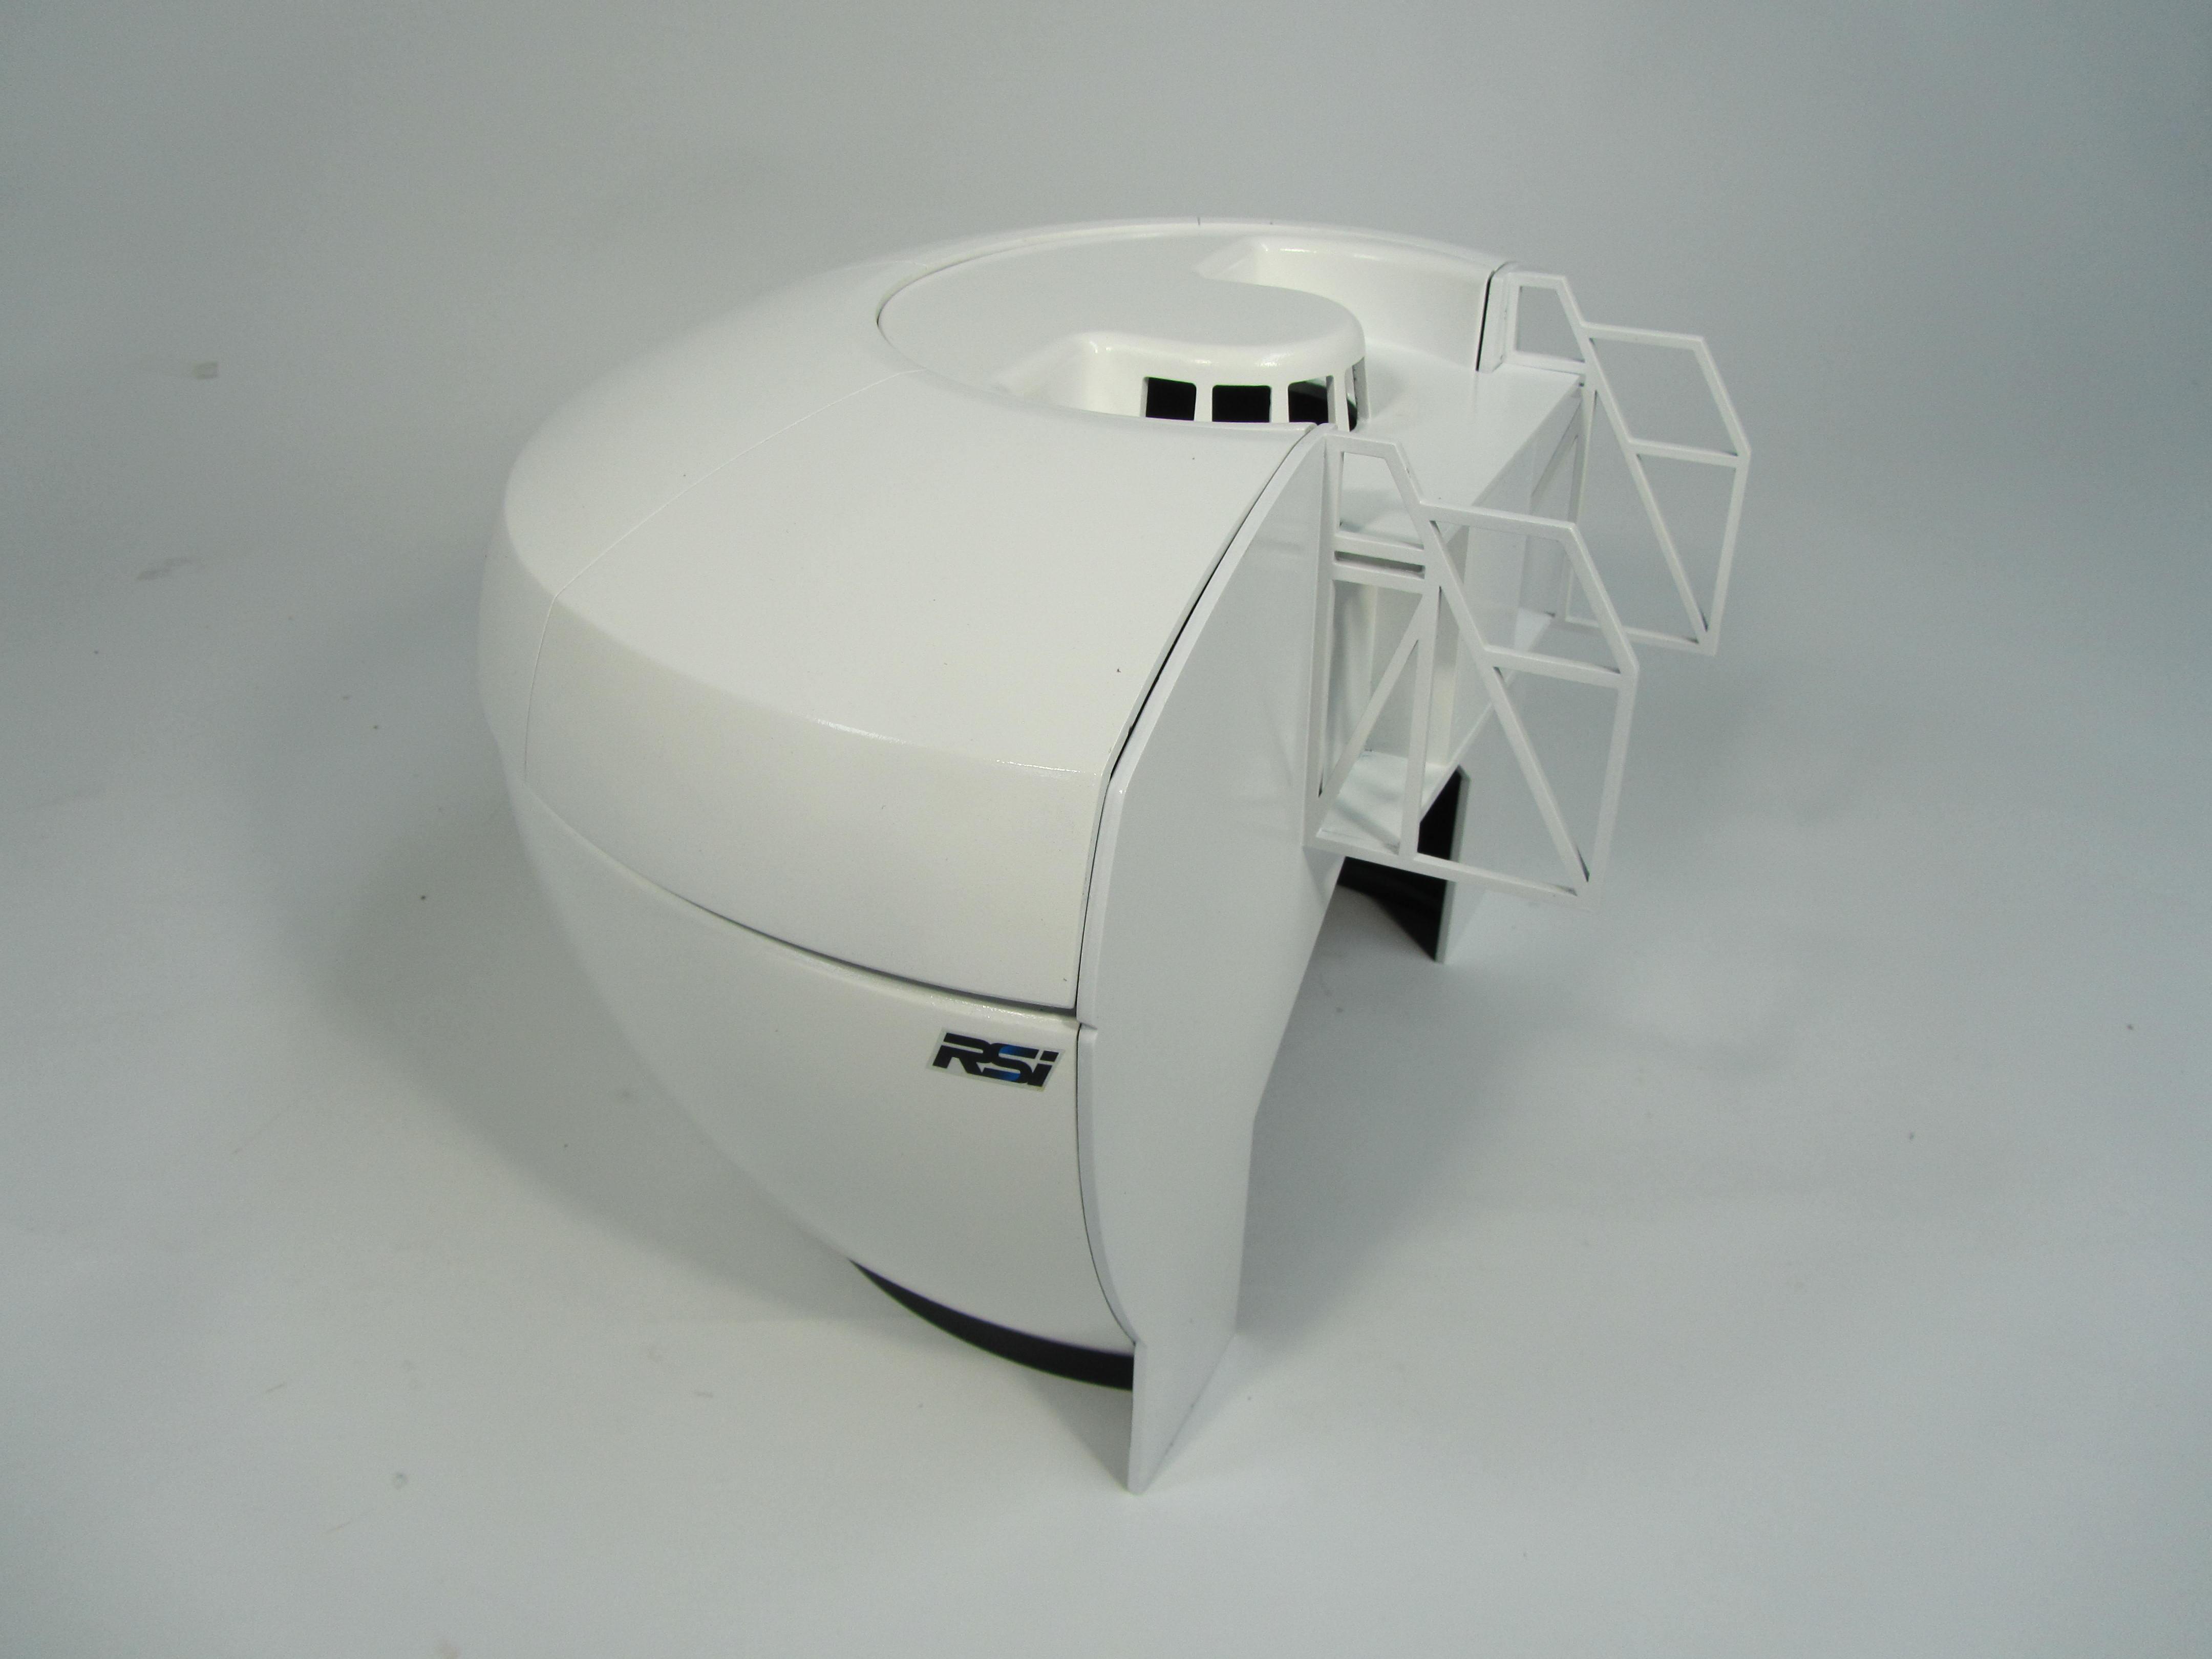 Aircraft Simulator Model